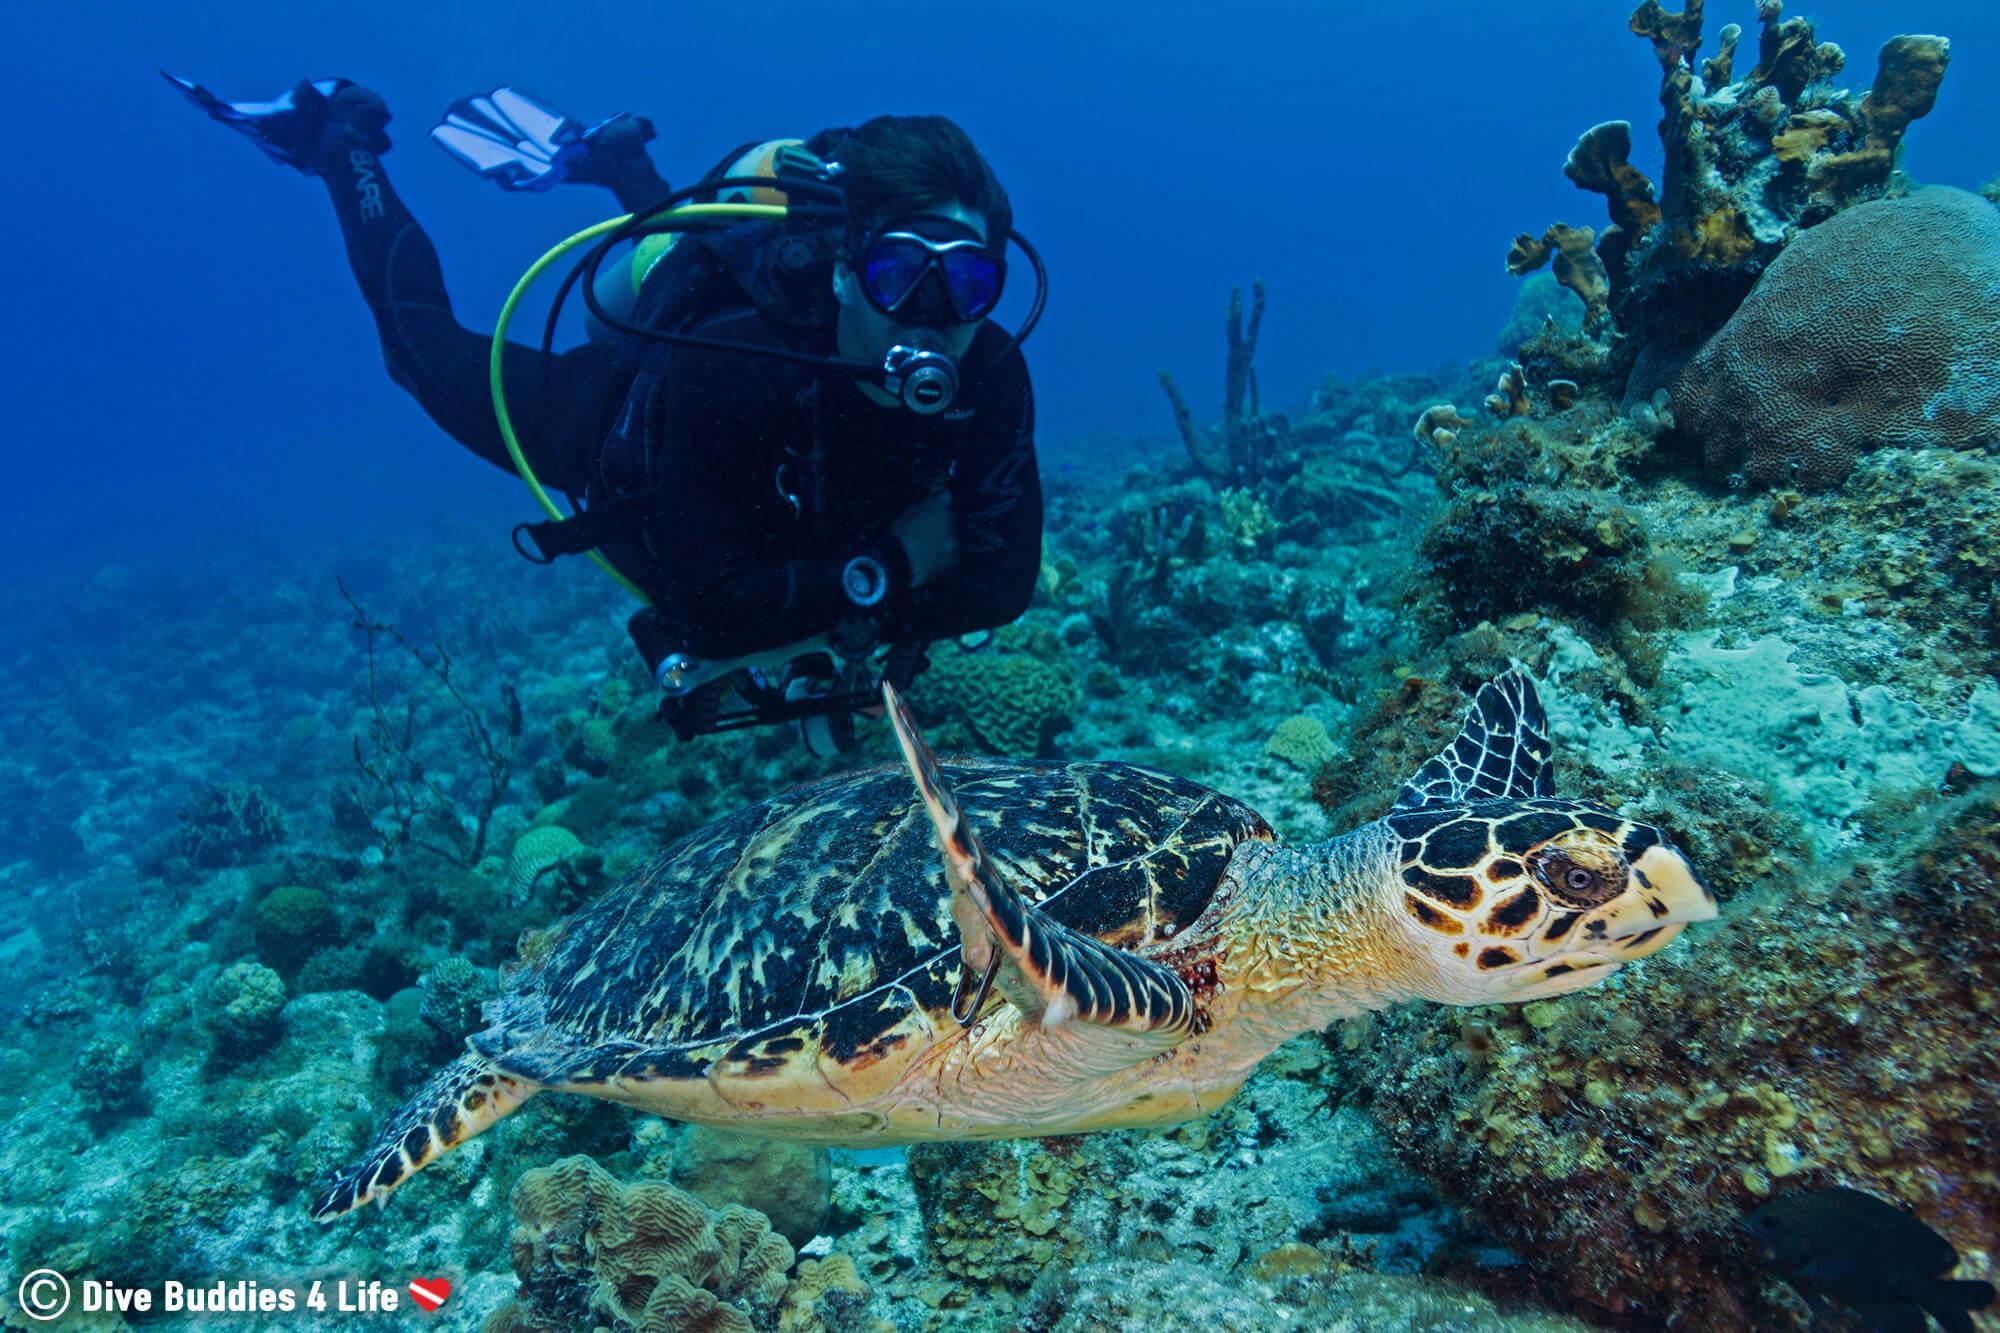 Joey Scuba Diving Beside A Hawksbill Sea Turtle In Bonaire, Caribbean